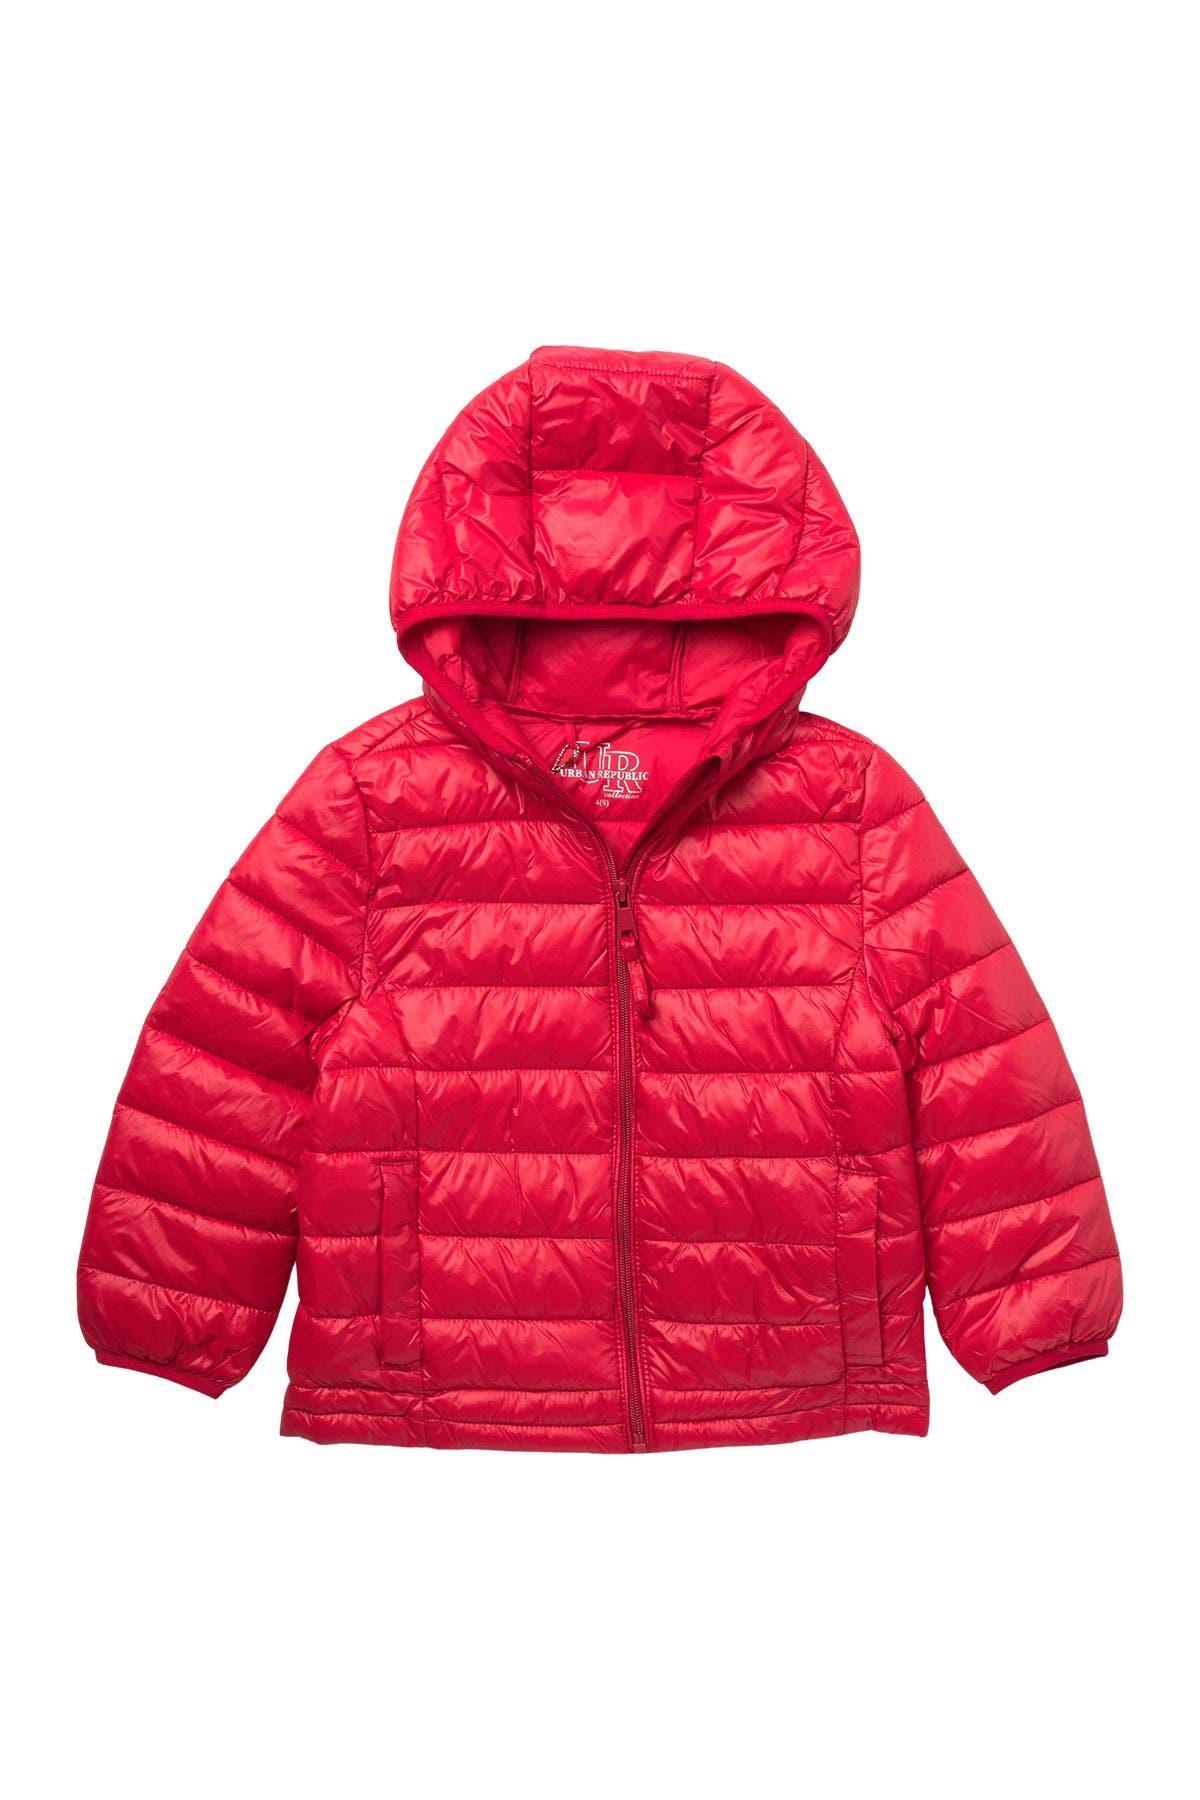 Urban Republic Packable Puffer Jacket